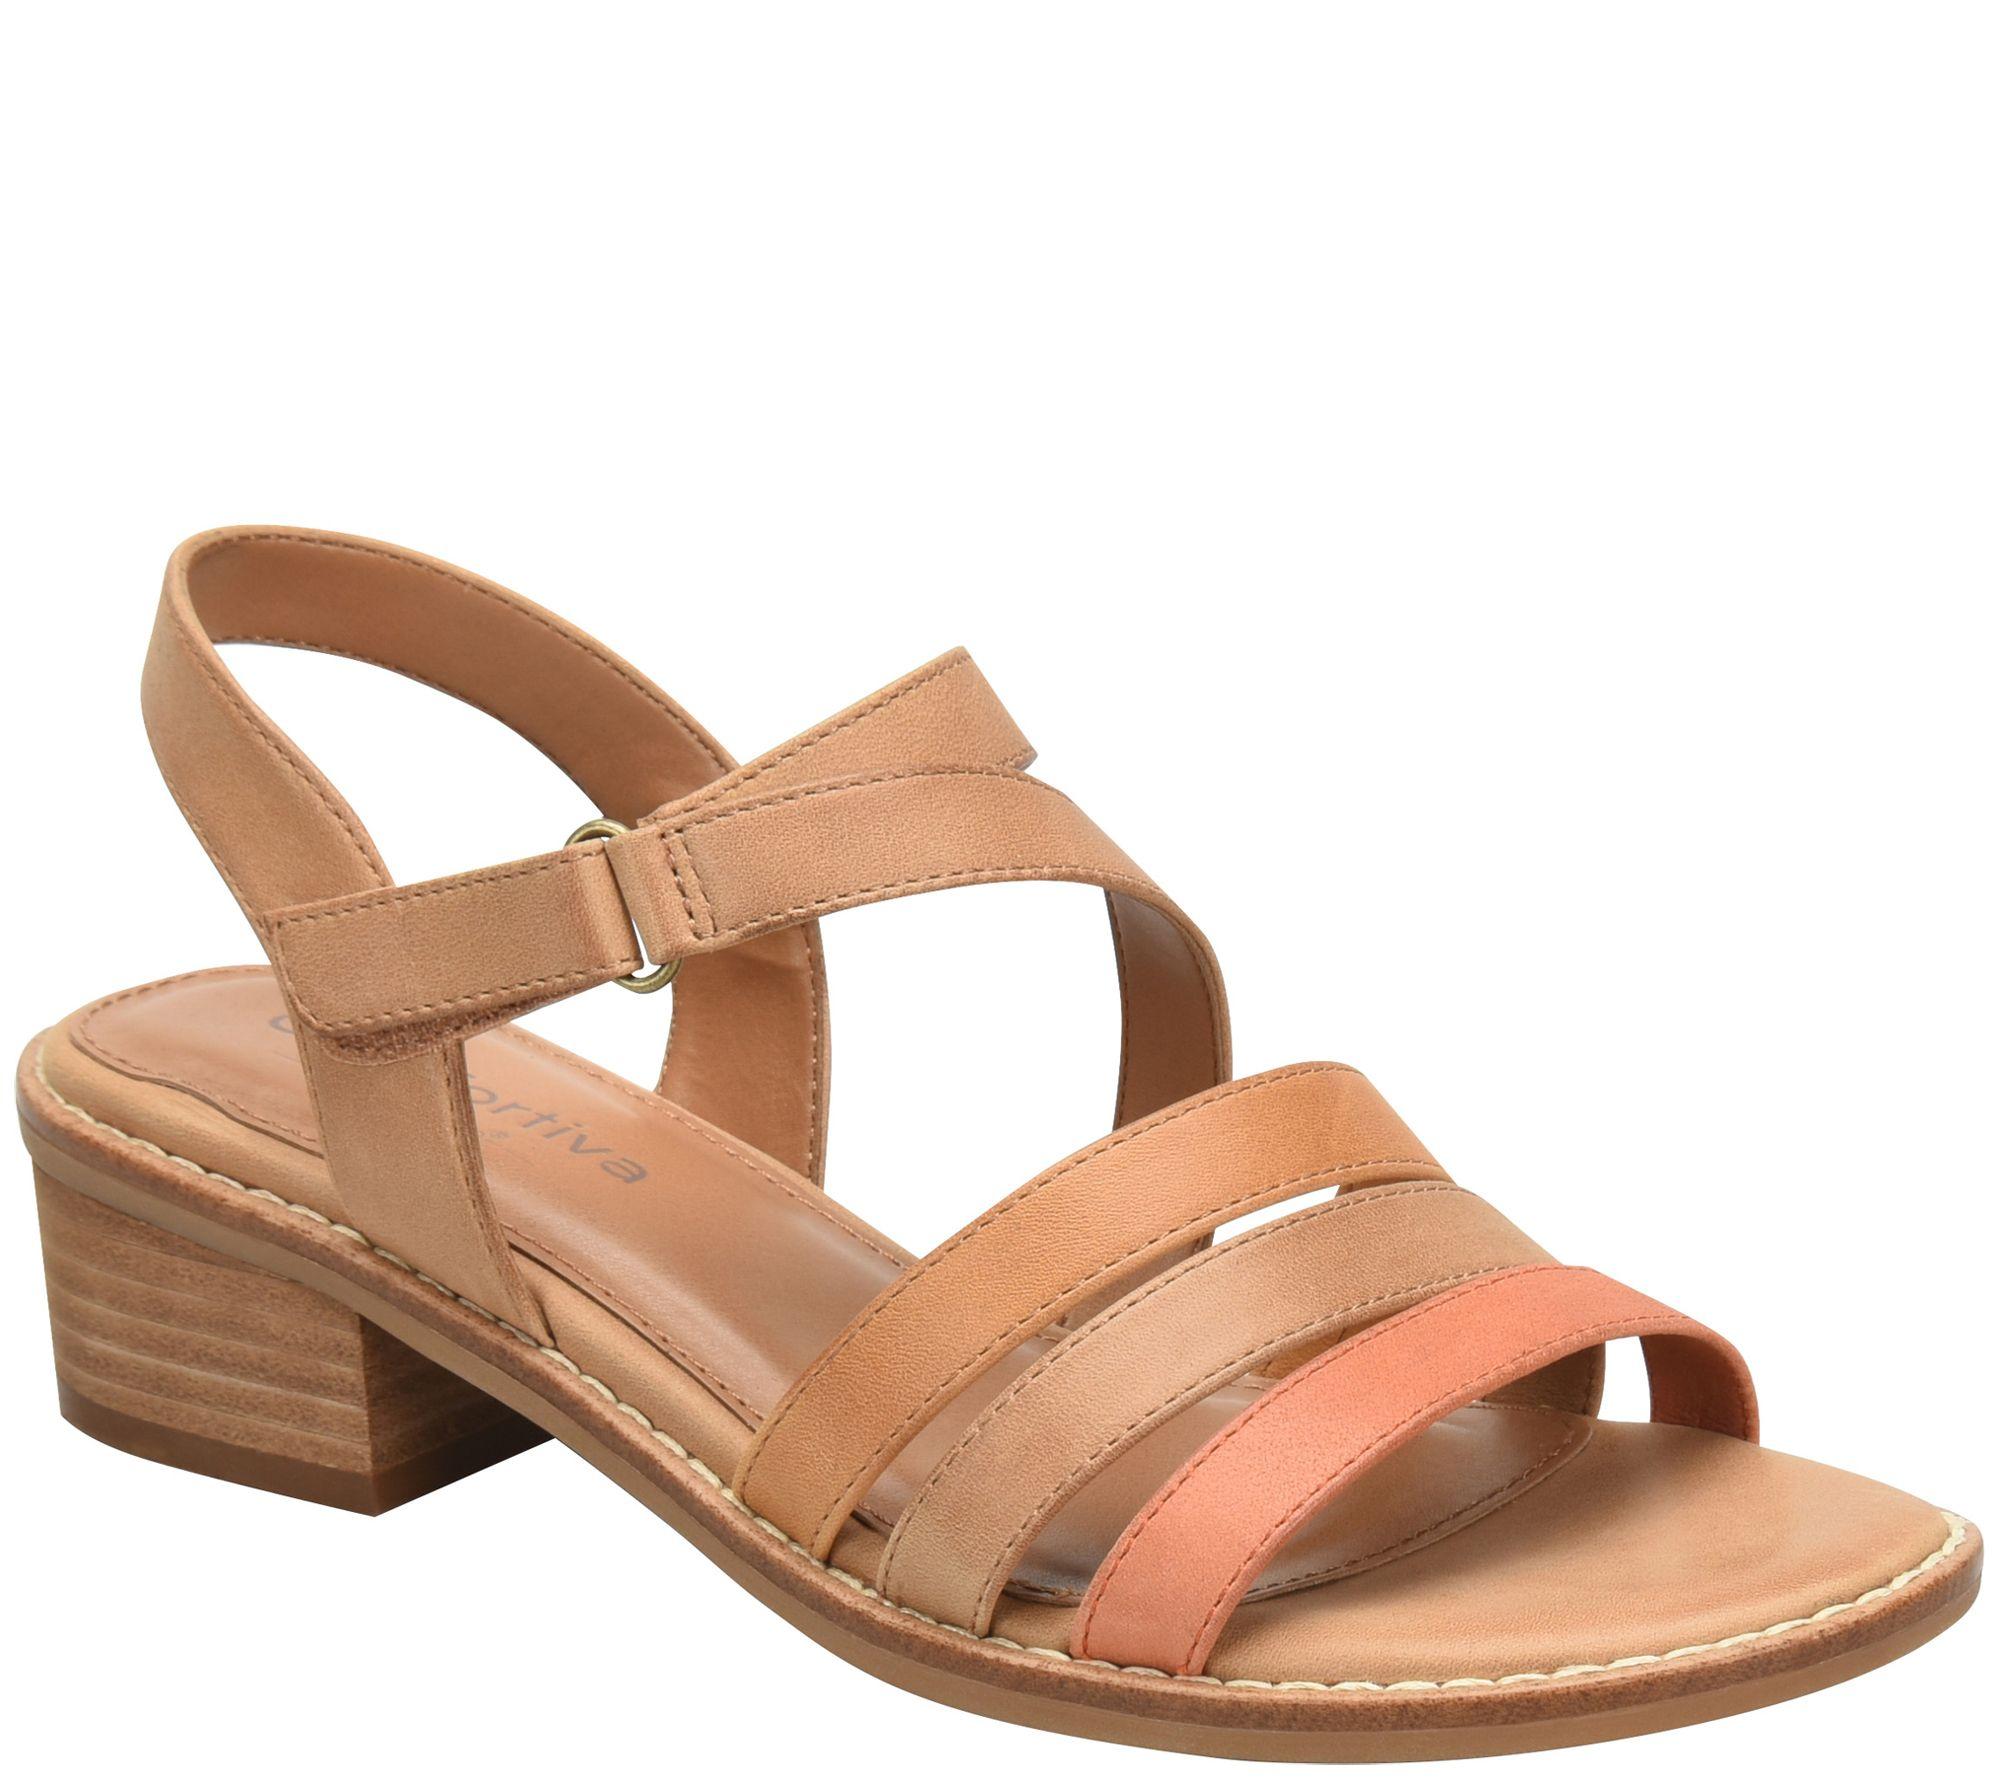 f6189fc31c0 Comfortiva Mixed Leather Heeled Sandals - Ballina — QVC.com